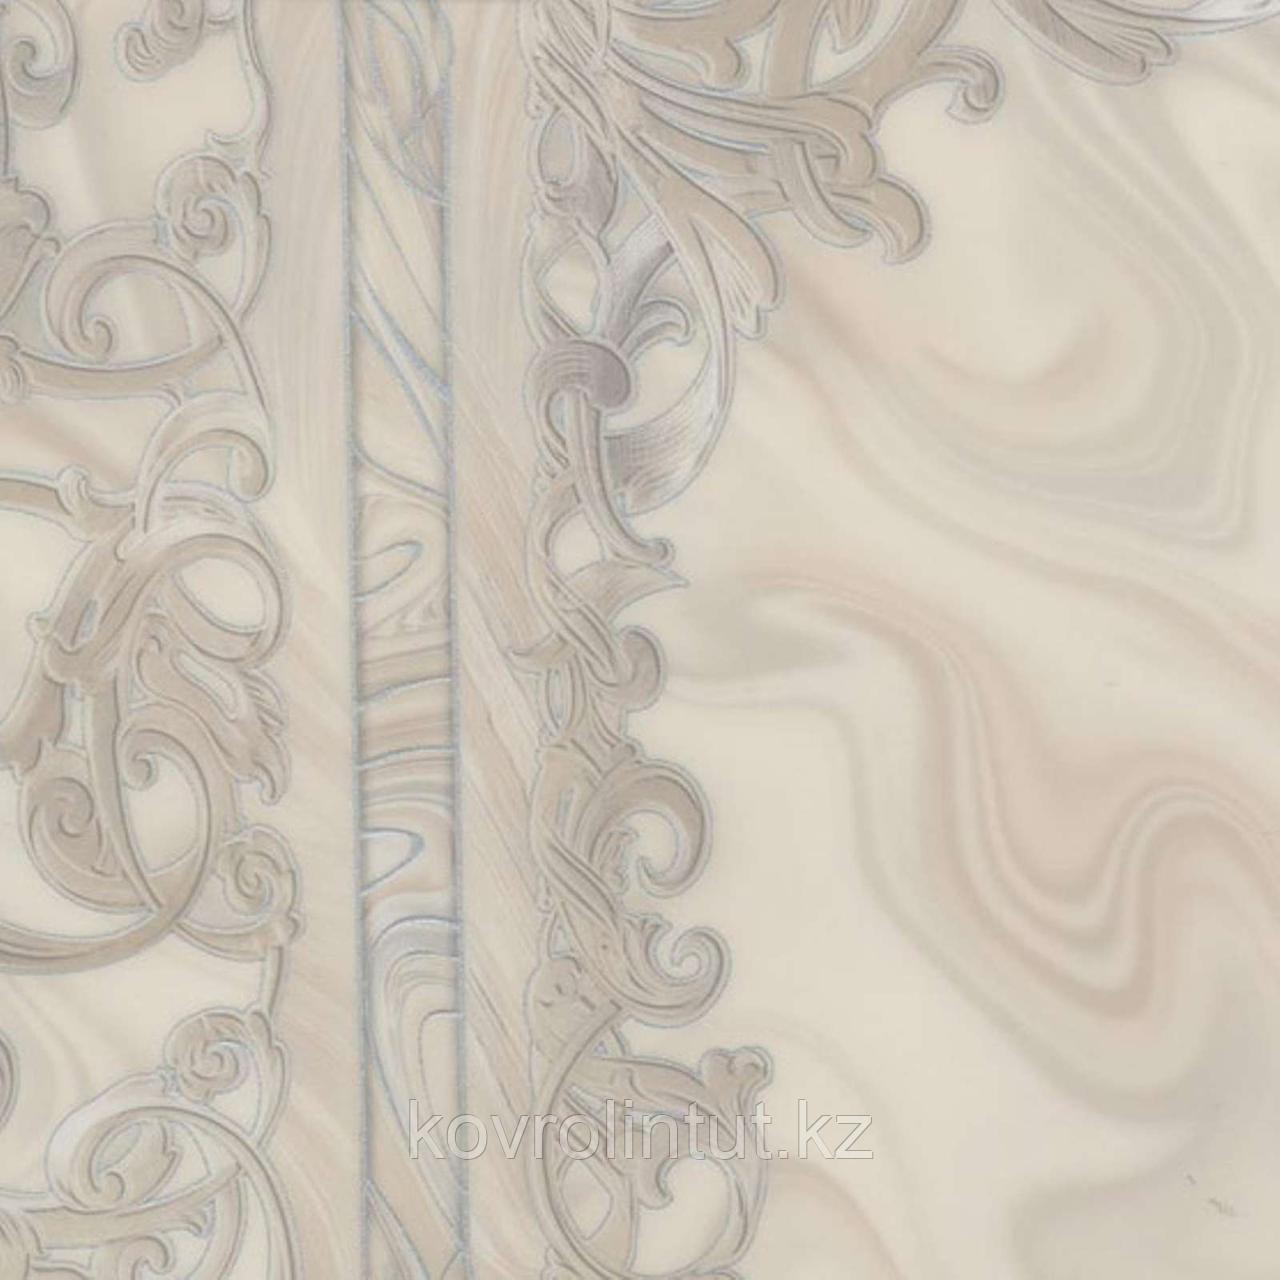 Линолеум Sinteros бытовой Супер С м,ола 1 3 м, 1 Класс